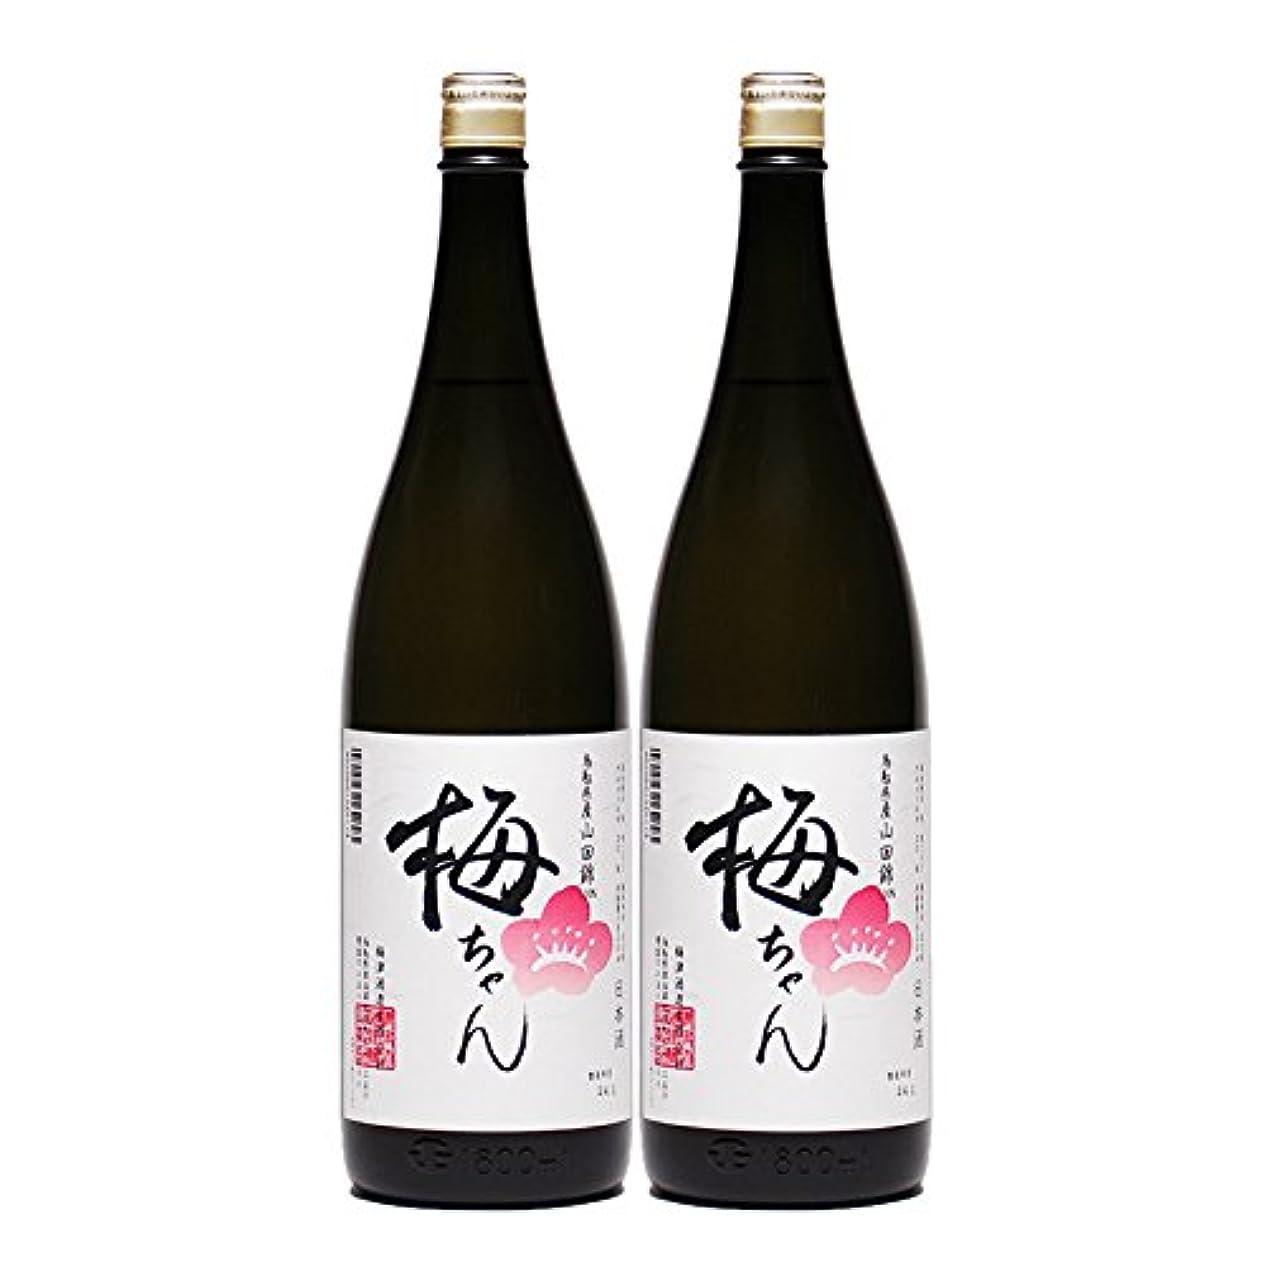 類人猿壮大愚か梅酒用 日本酒 梅ちゃん 1800ml 2本セット 20度 鳥取県 梅津酒造 純米酒 果実酒用